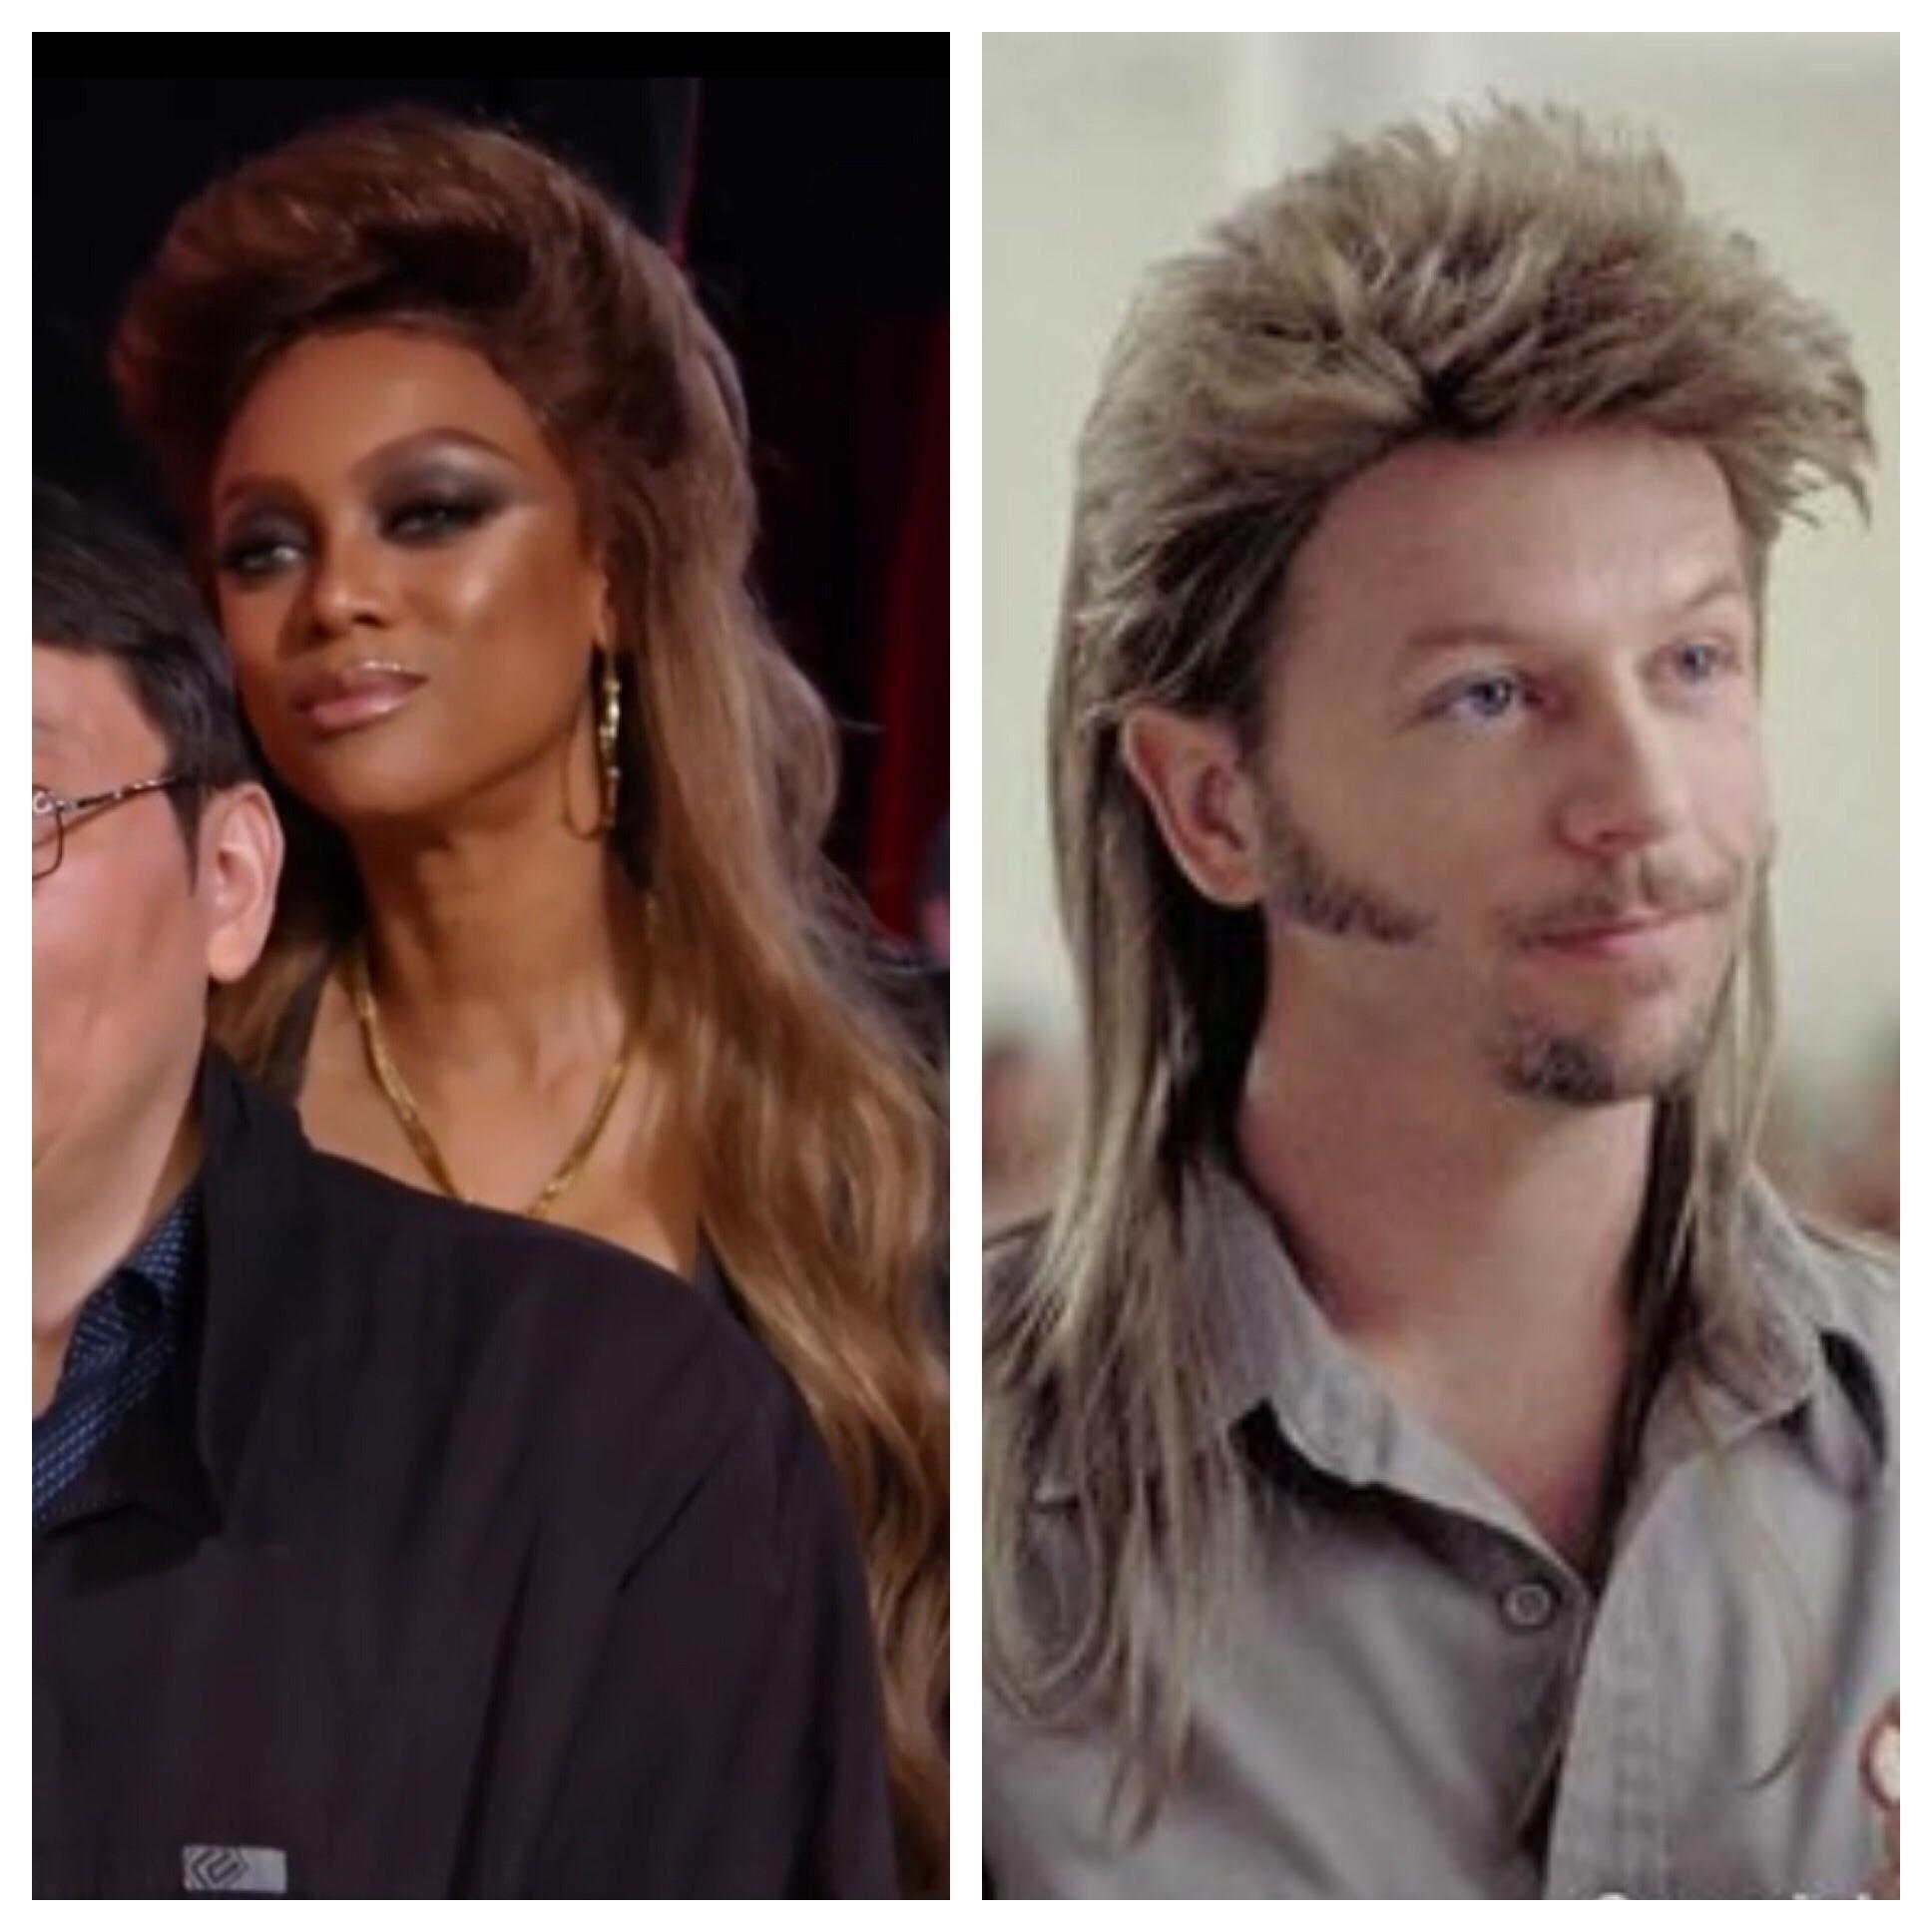 Tyra's hair straight up looking like Joe Dirt.